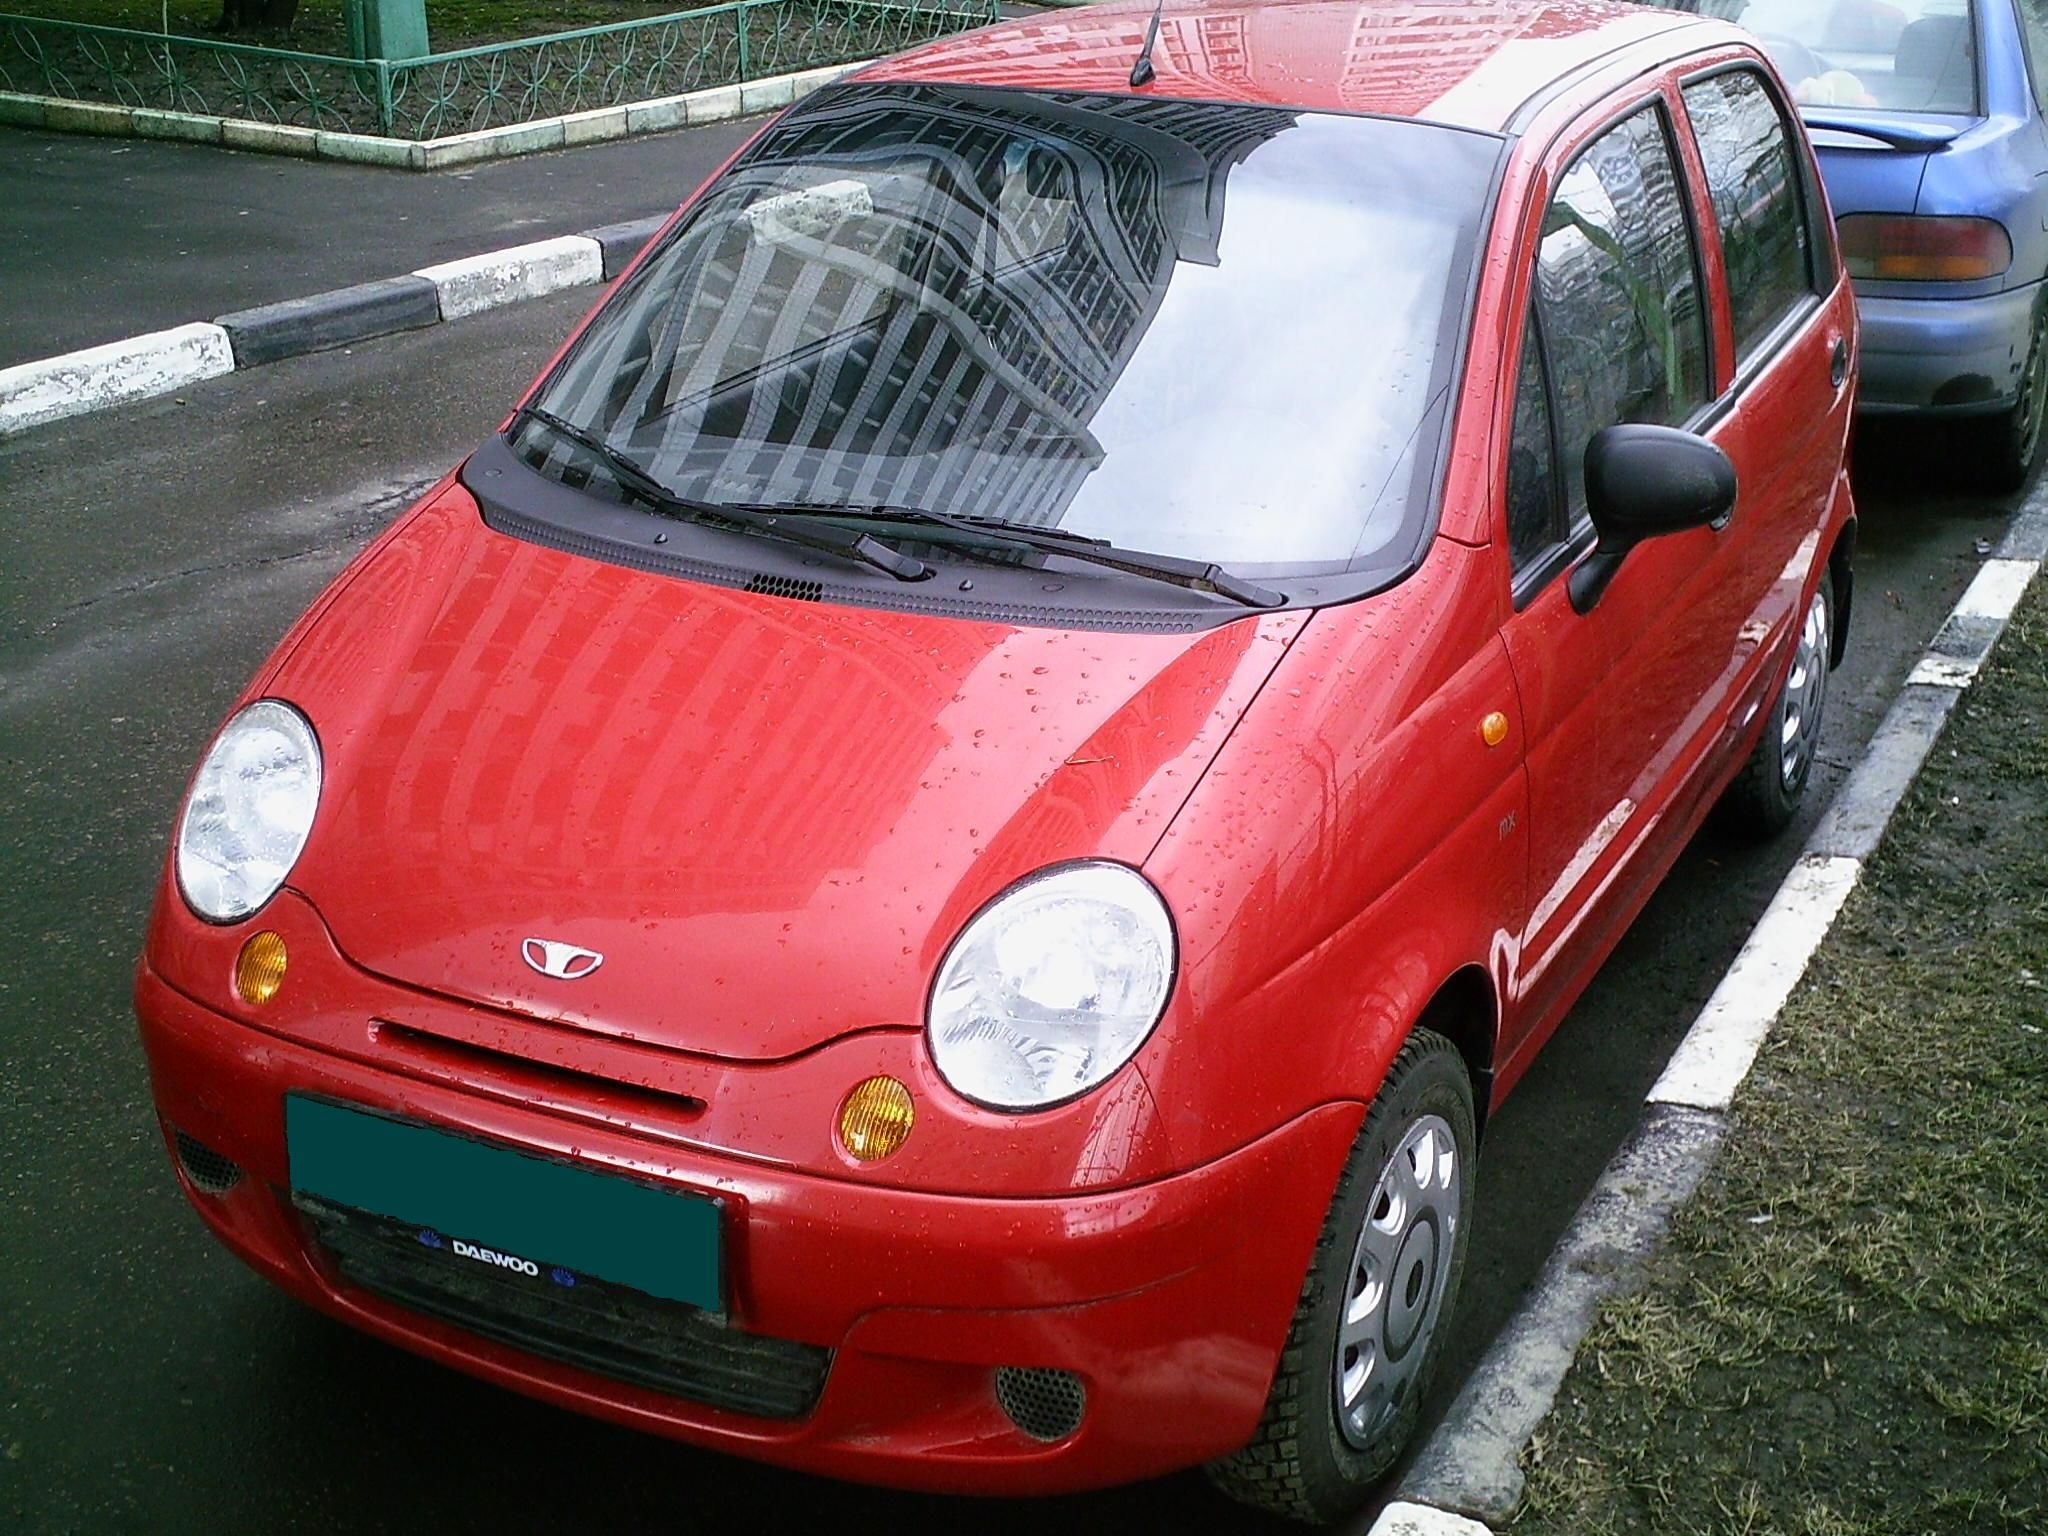 Daewoo Matiz II Pictures - Car Pictures Gallery - Car Directory Pictures of daewoo matiz